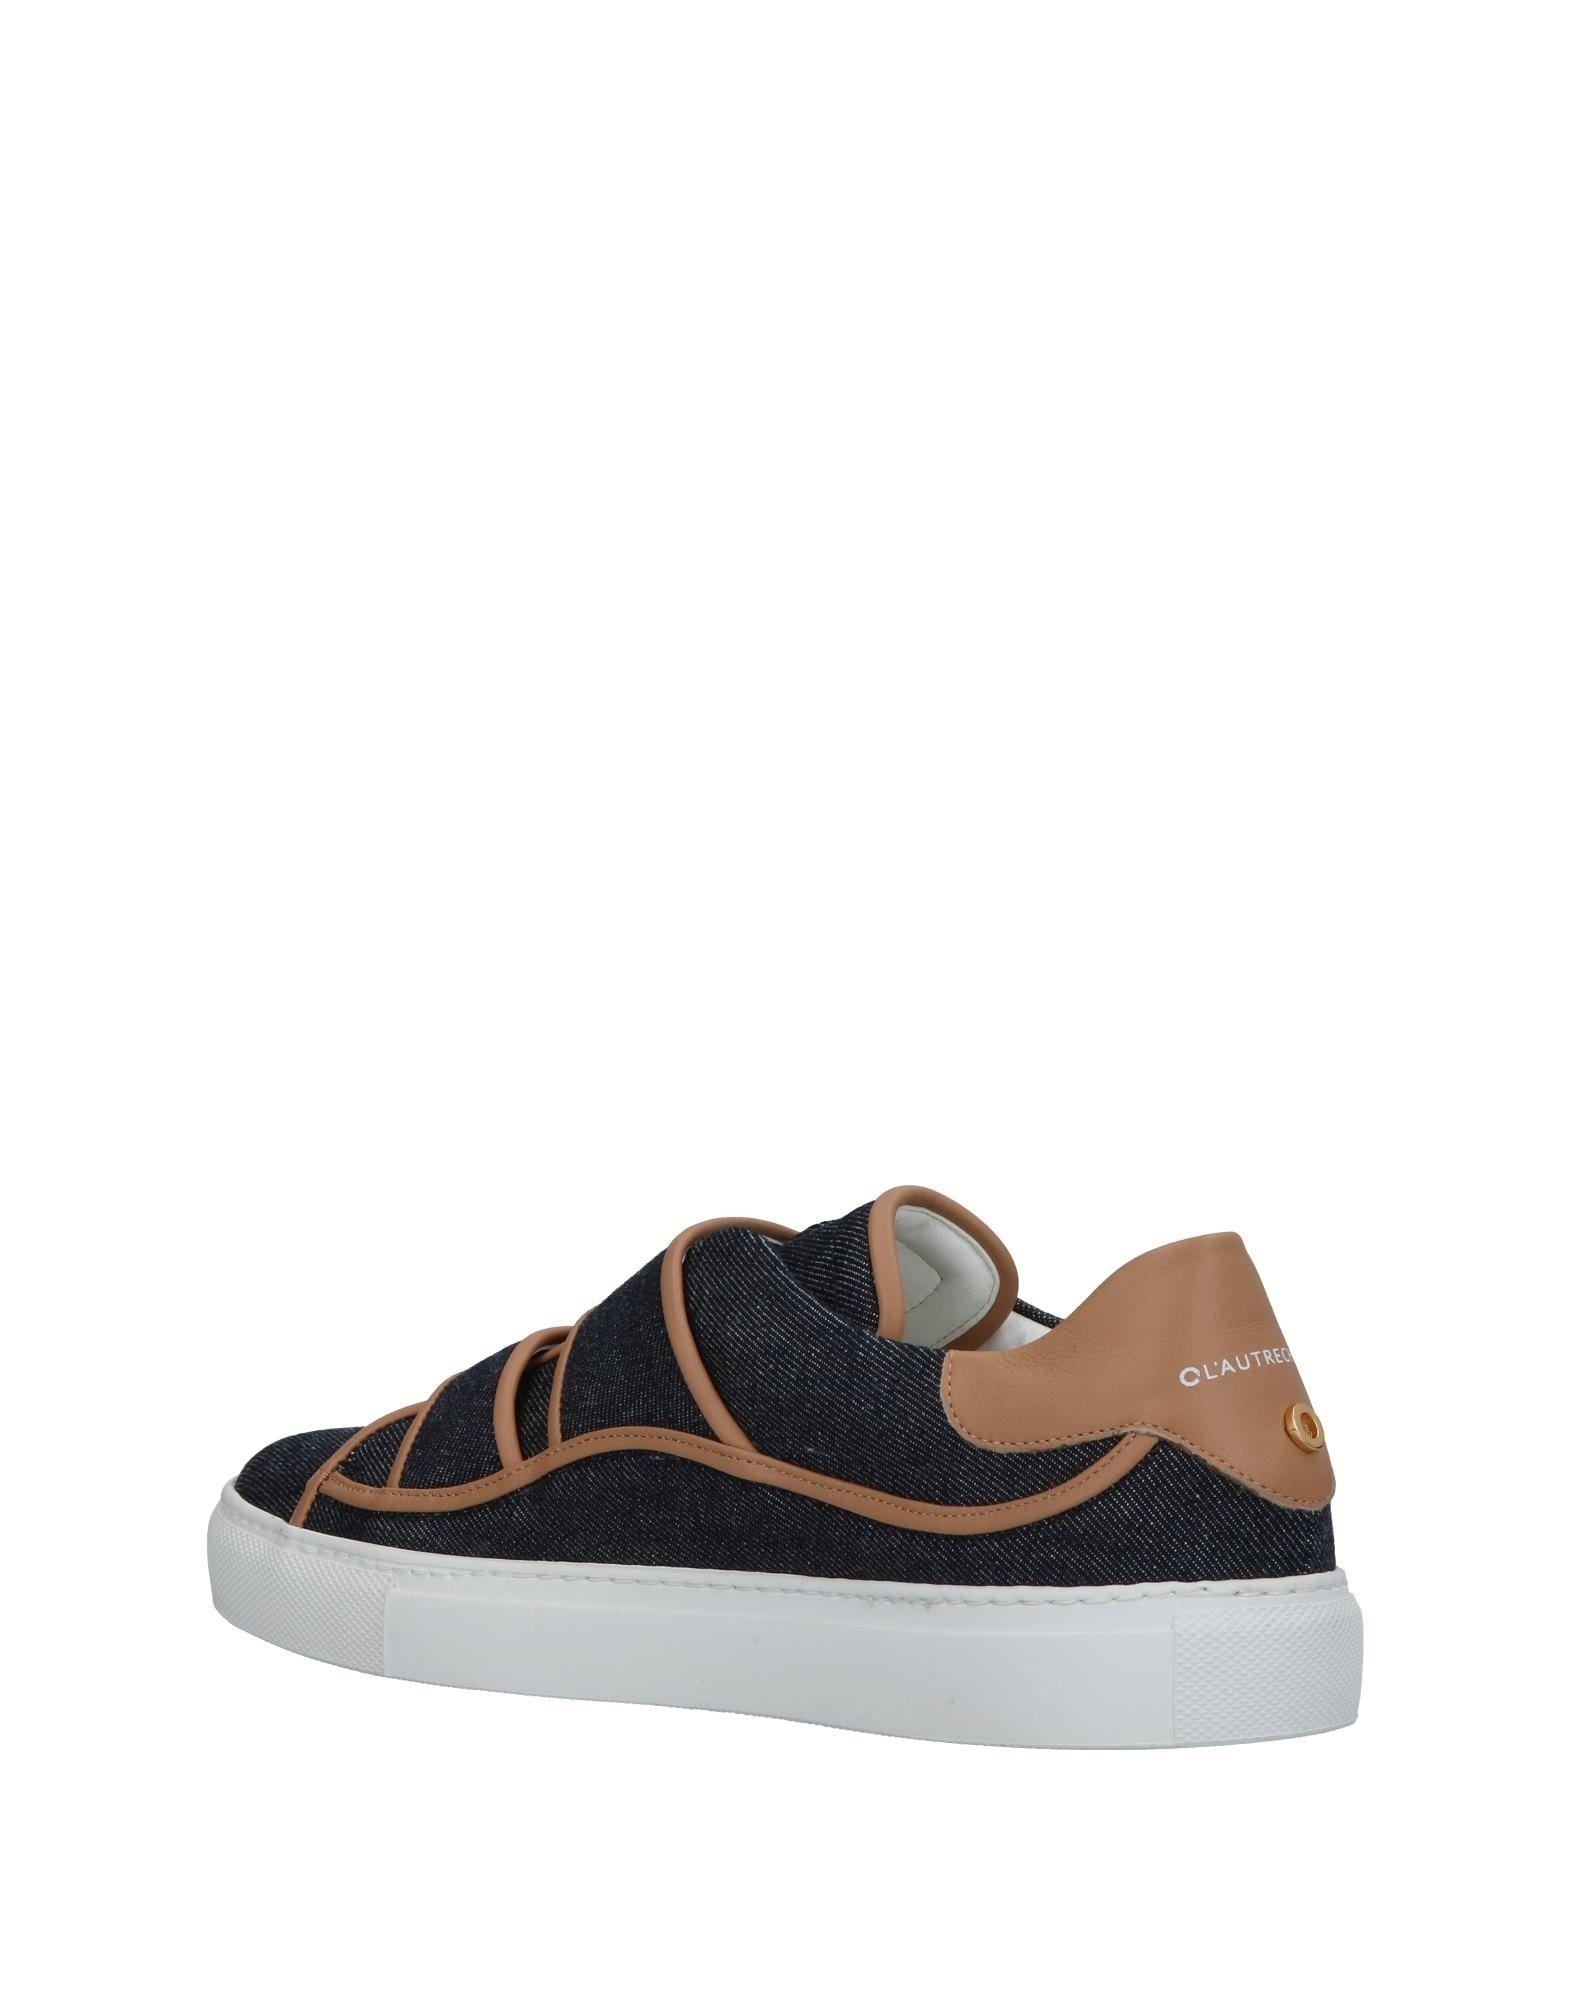 L' L' L' Autre Chose Sneakers Damen  11383904SC Gute Qualität beliebte Schuhe 3530c6